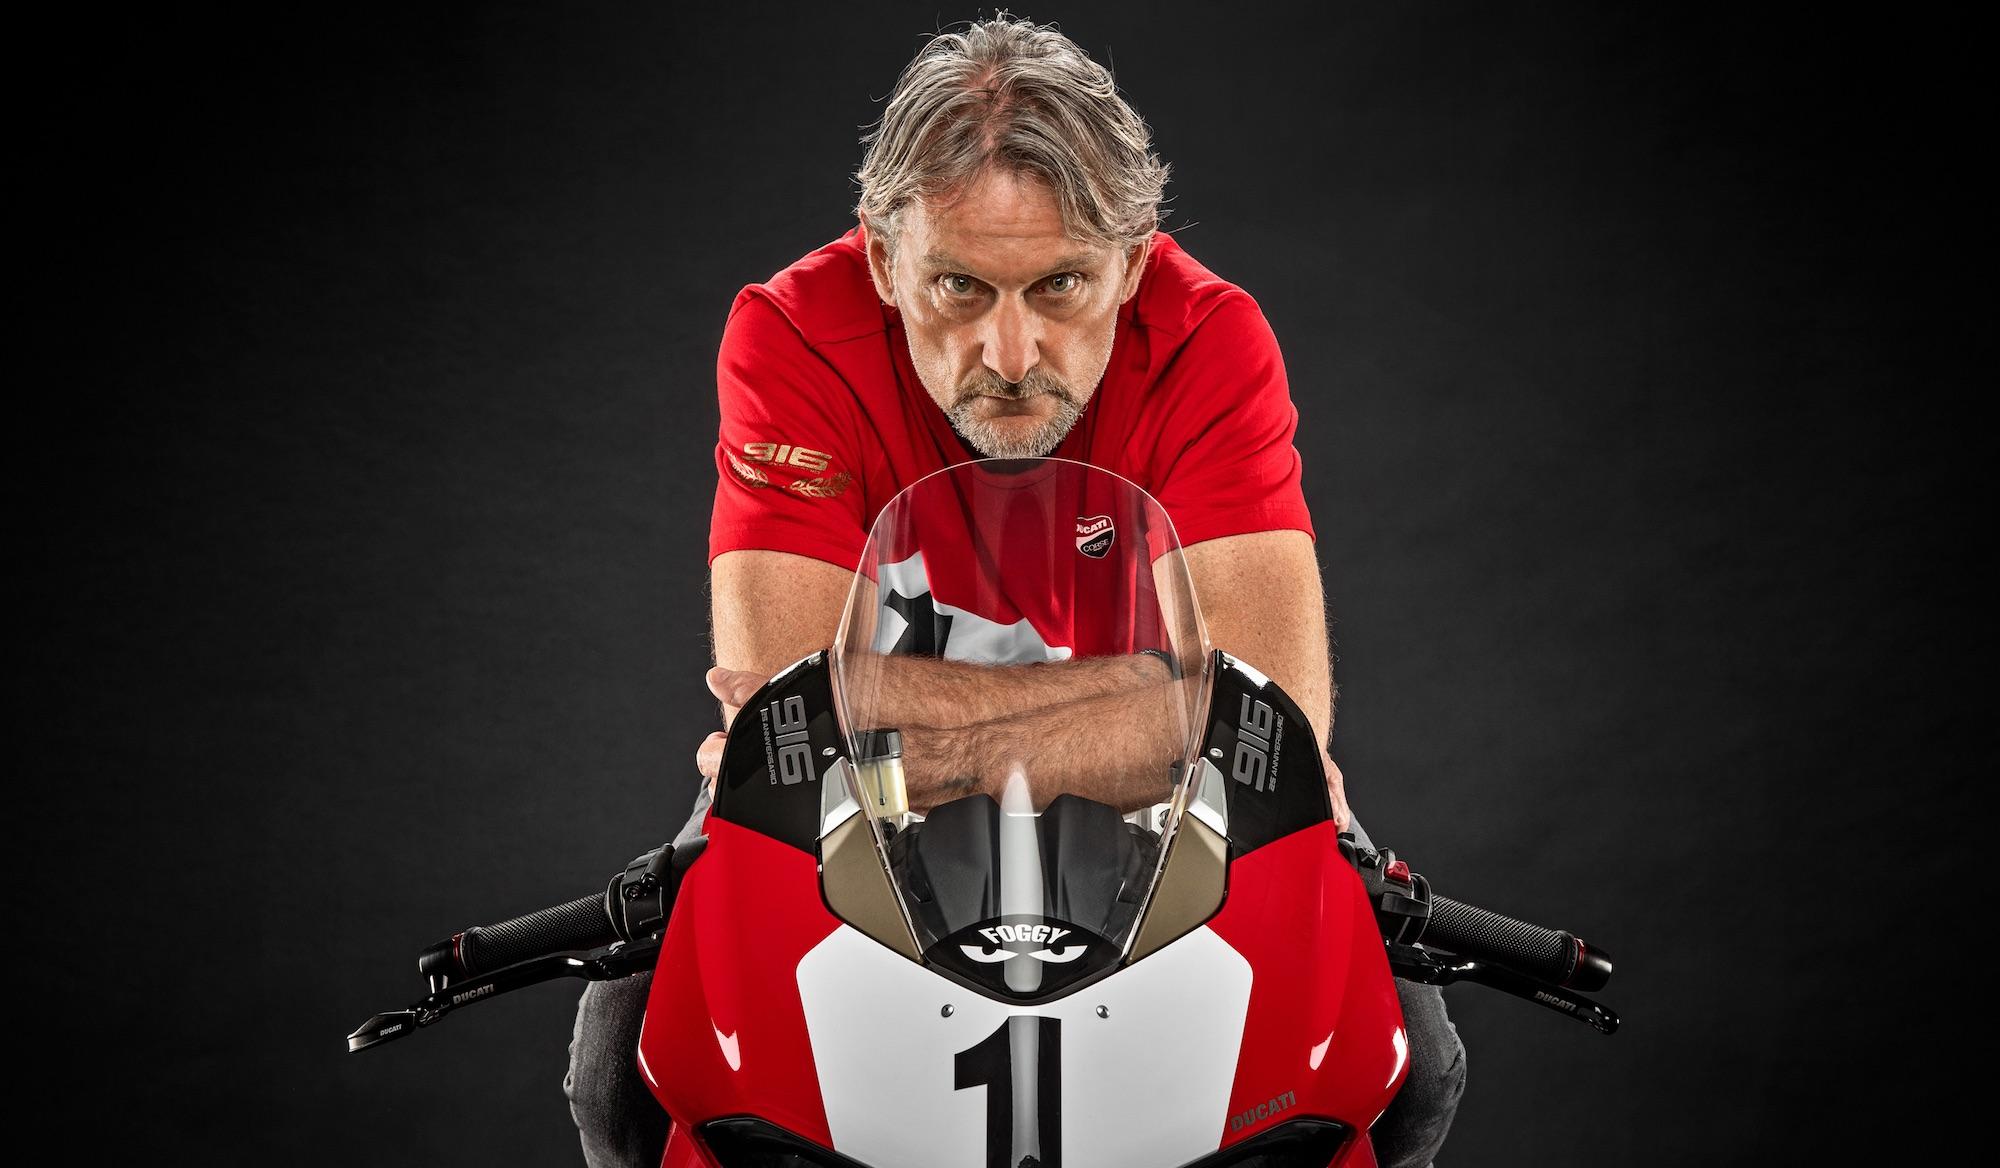 """Carl Fogarty: """"Me conocen más por la tele que por las motos"""""""